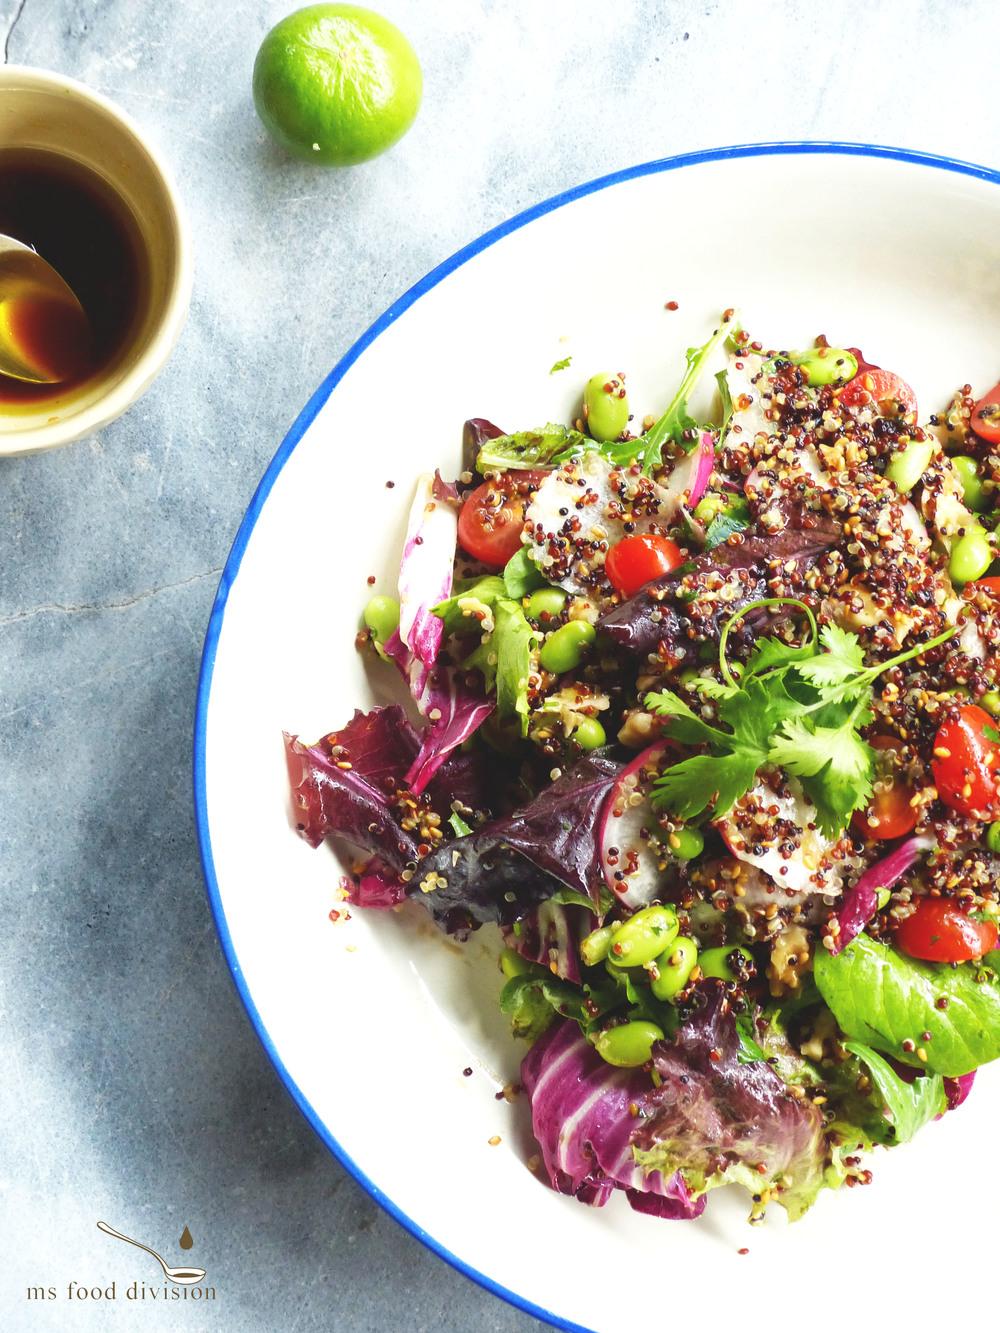 here is my extra-ordinary ordinary quinoa salad